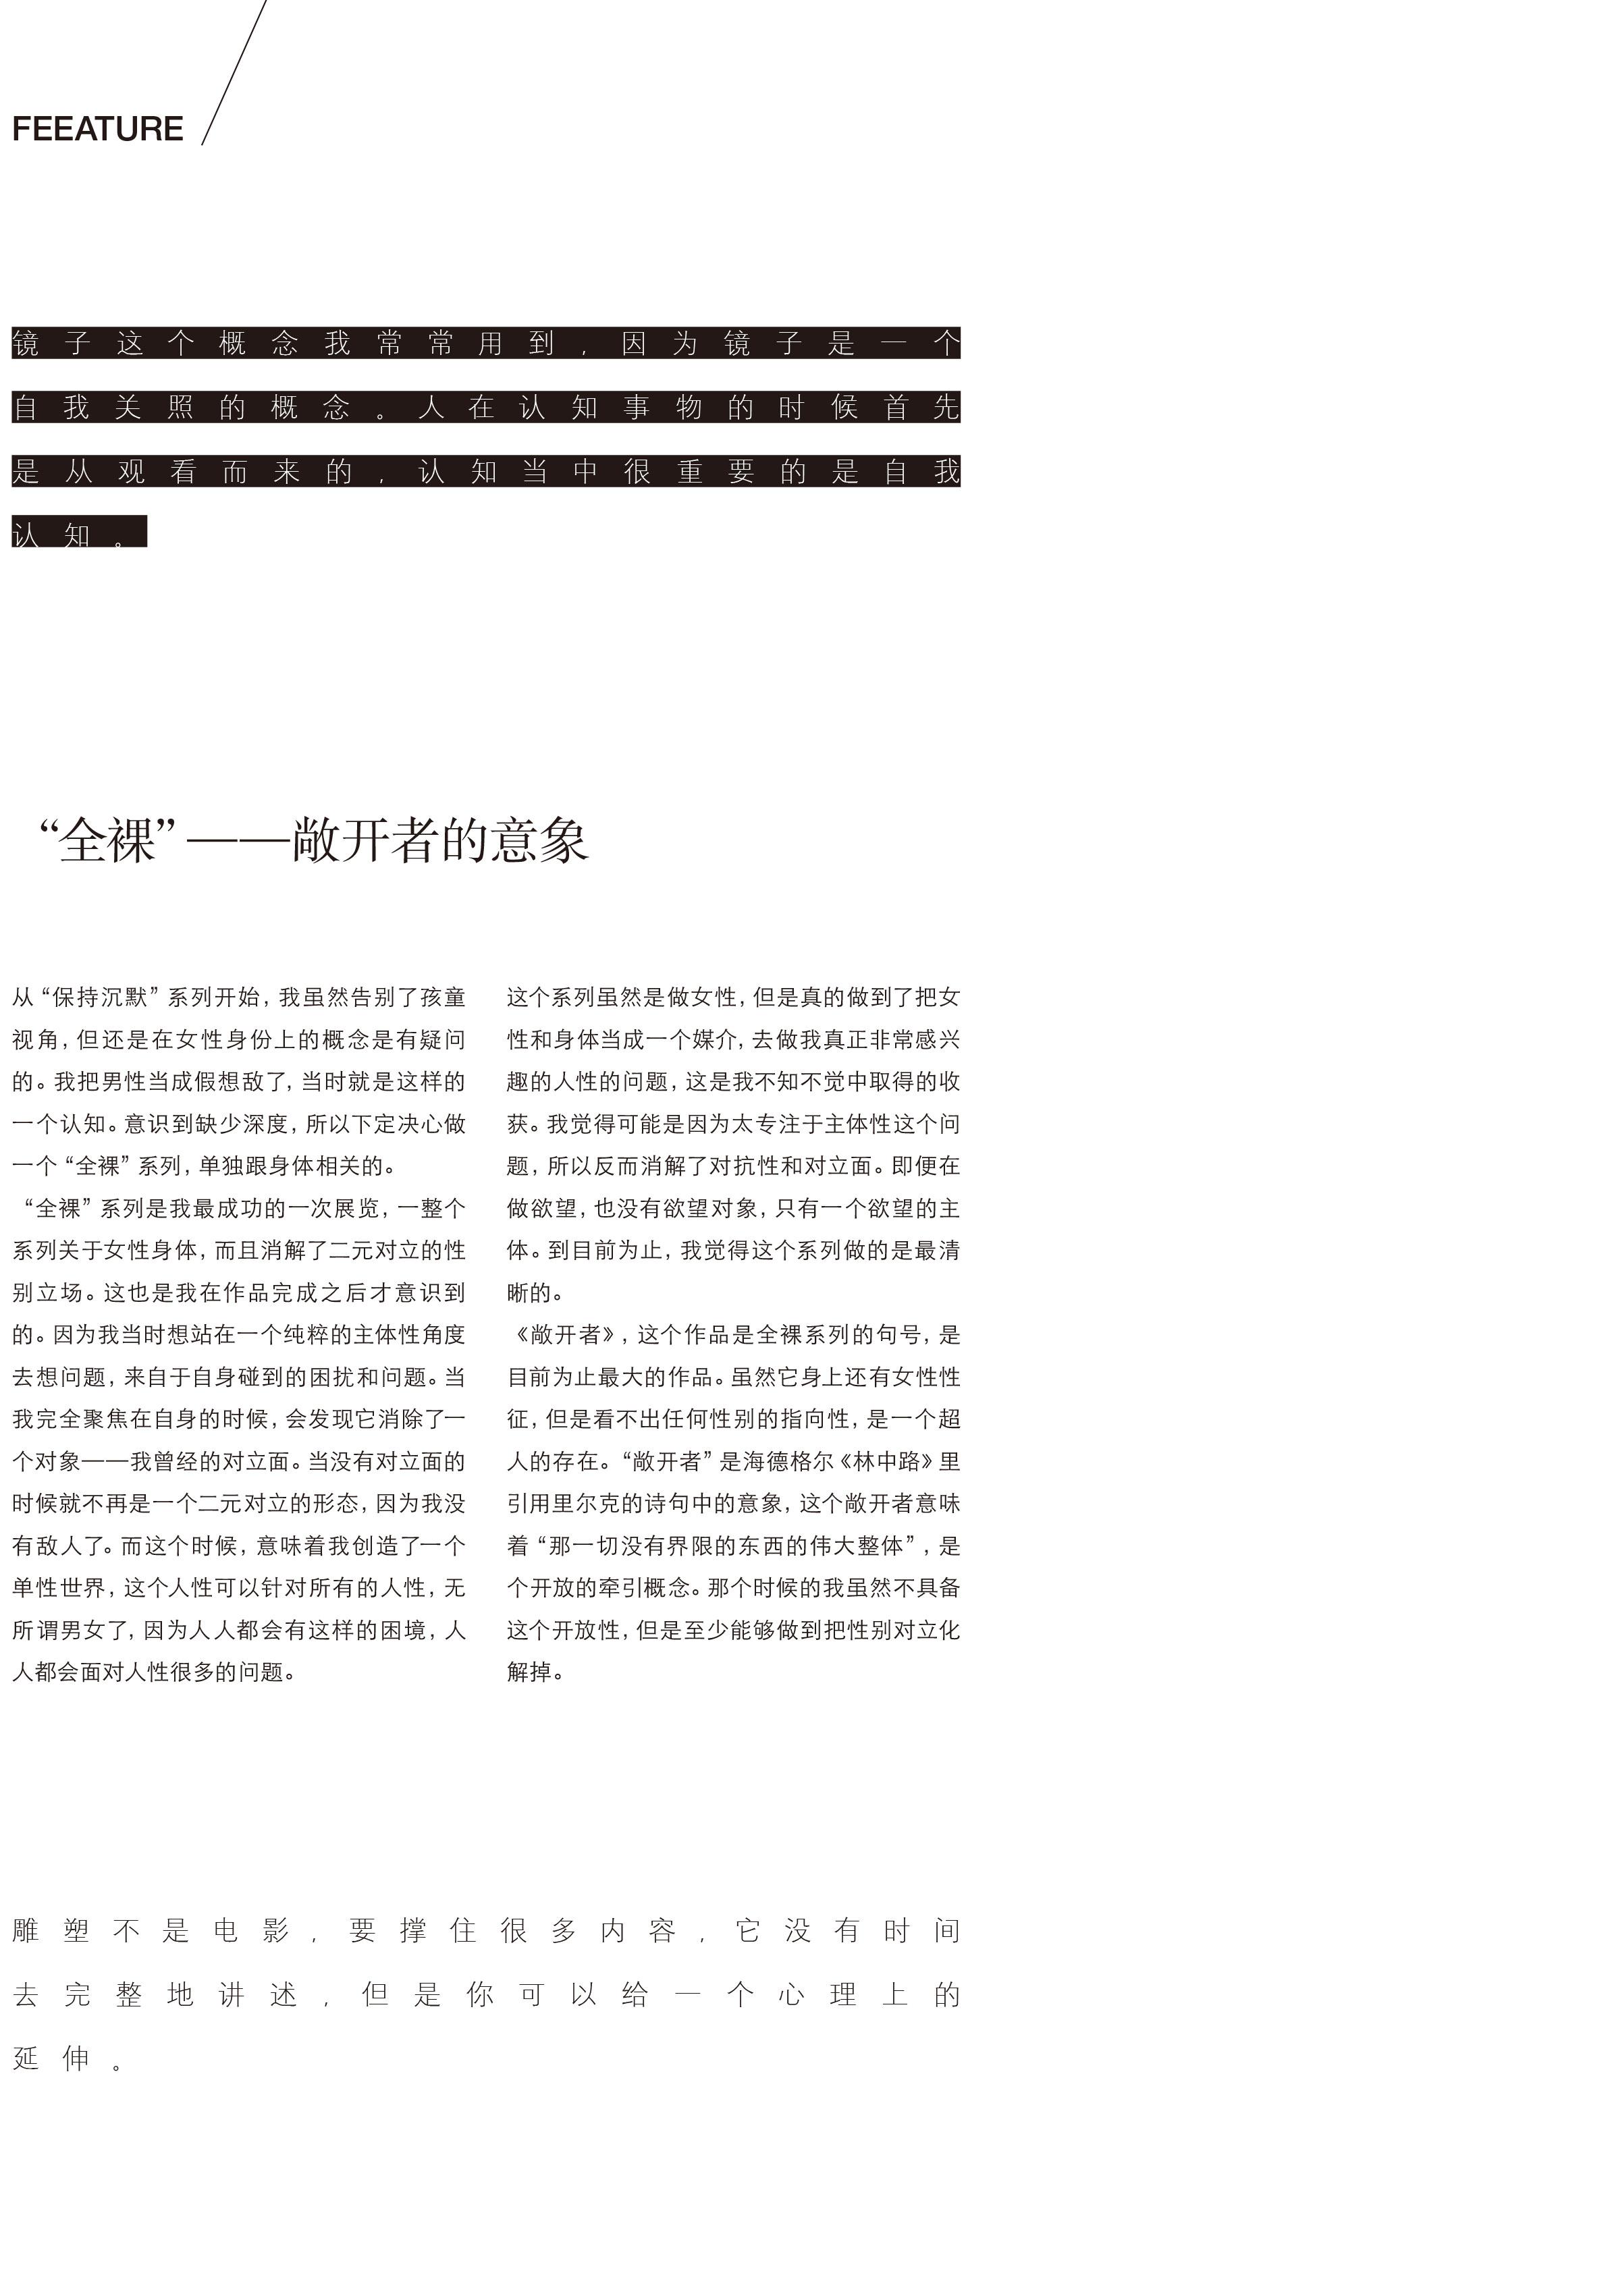 xj-11-1.jpg